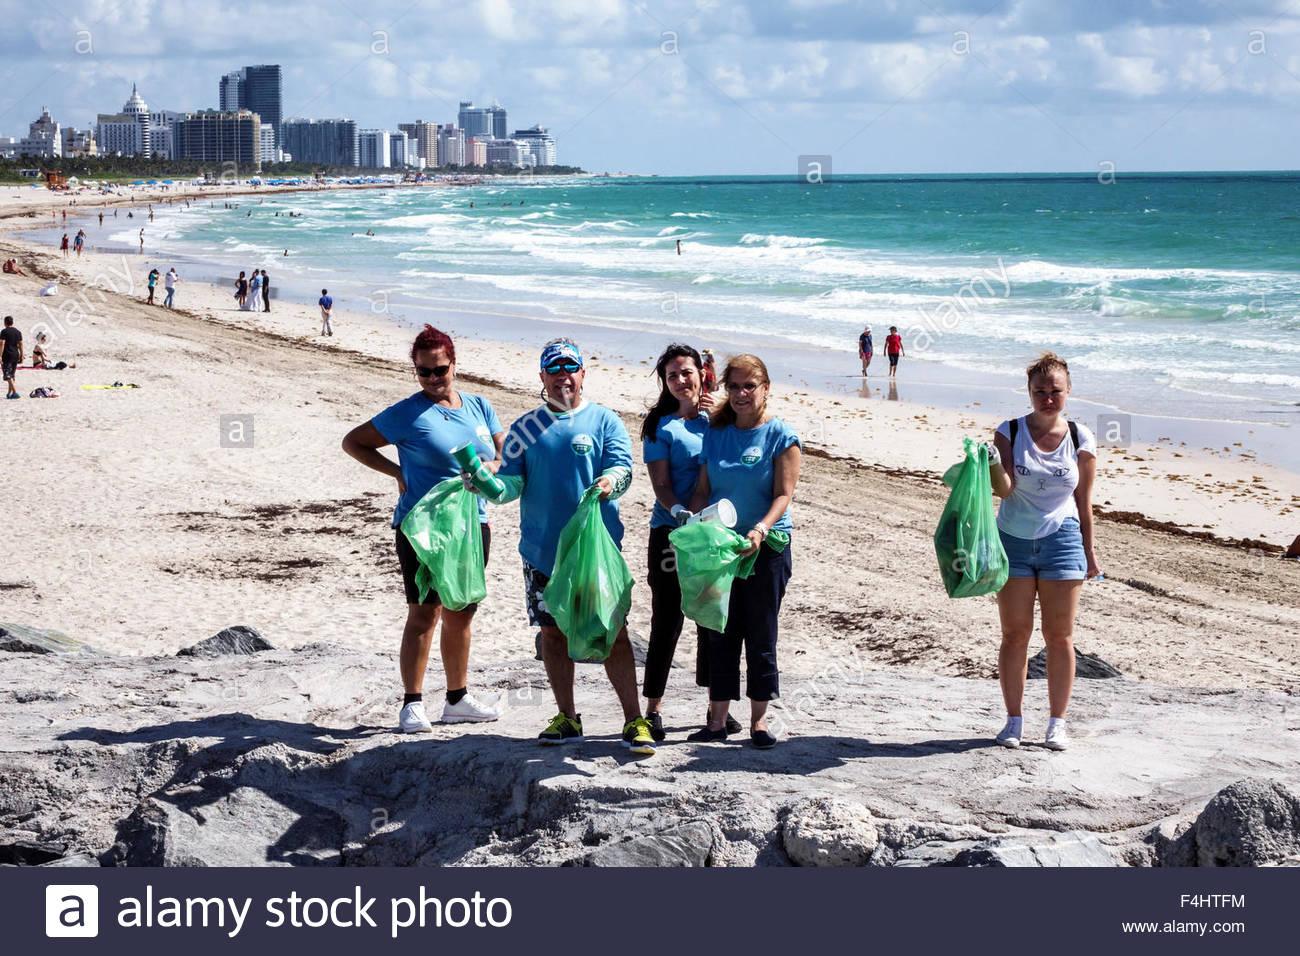 Miami beach hookup